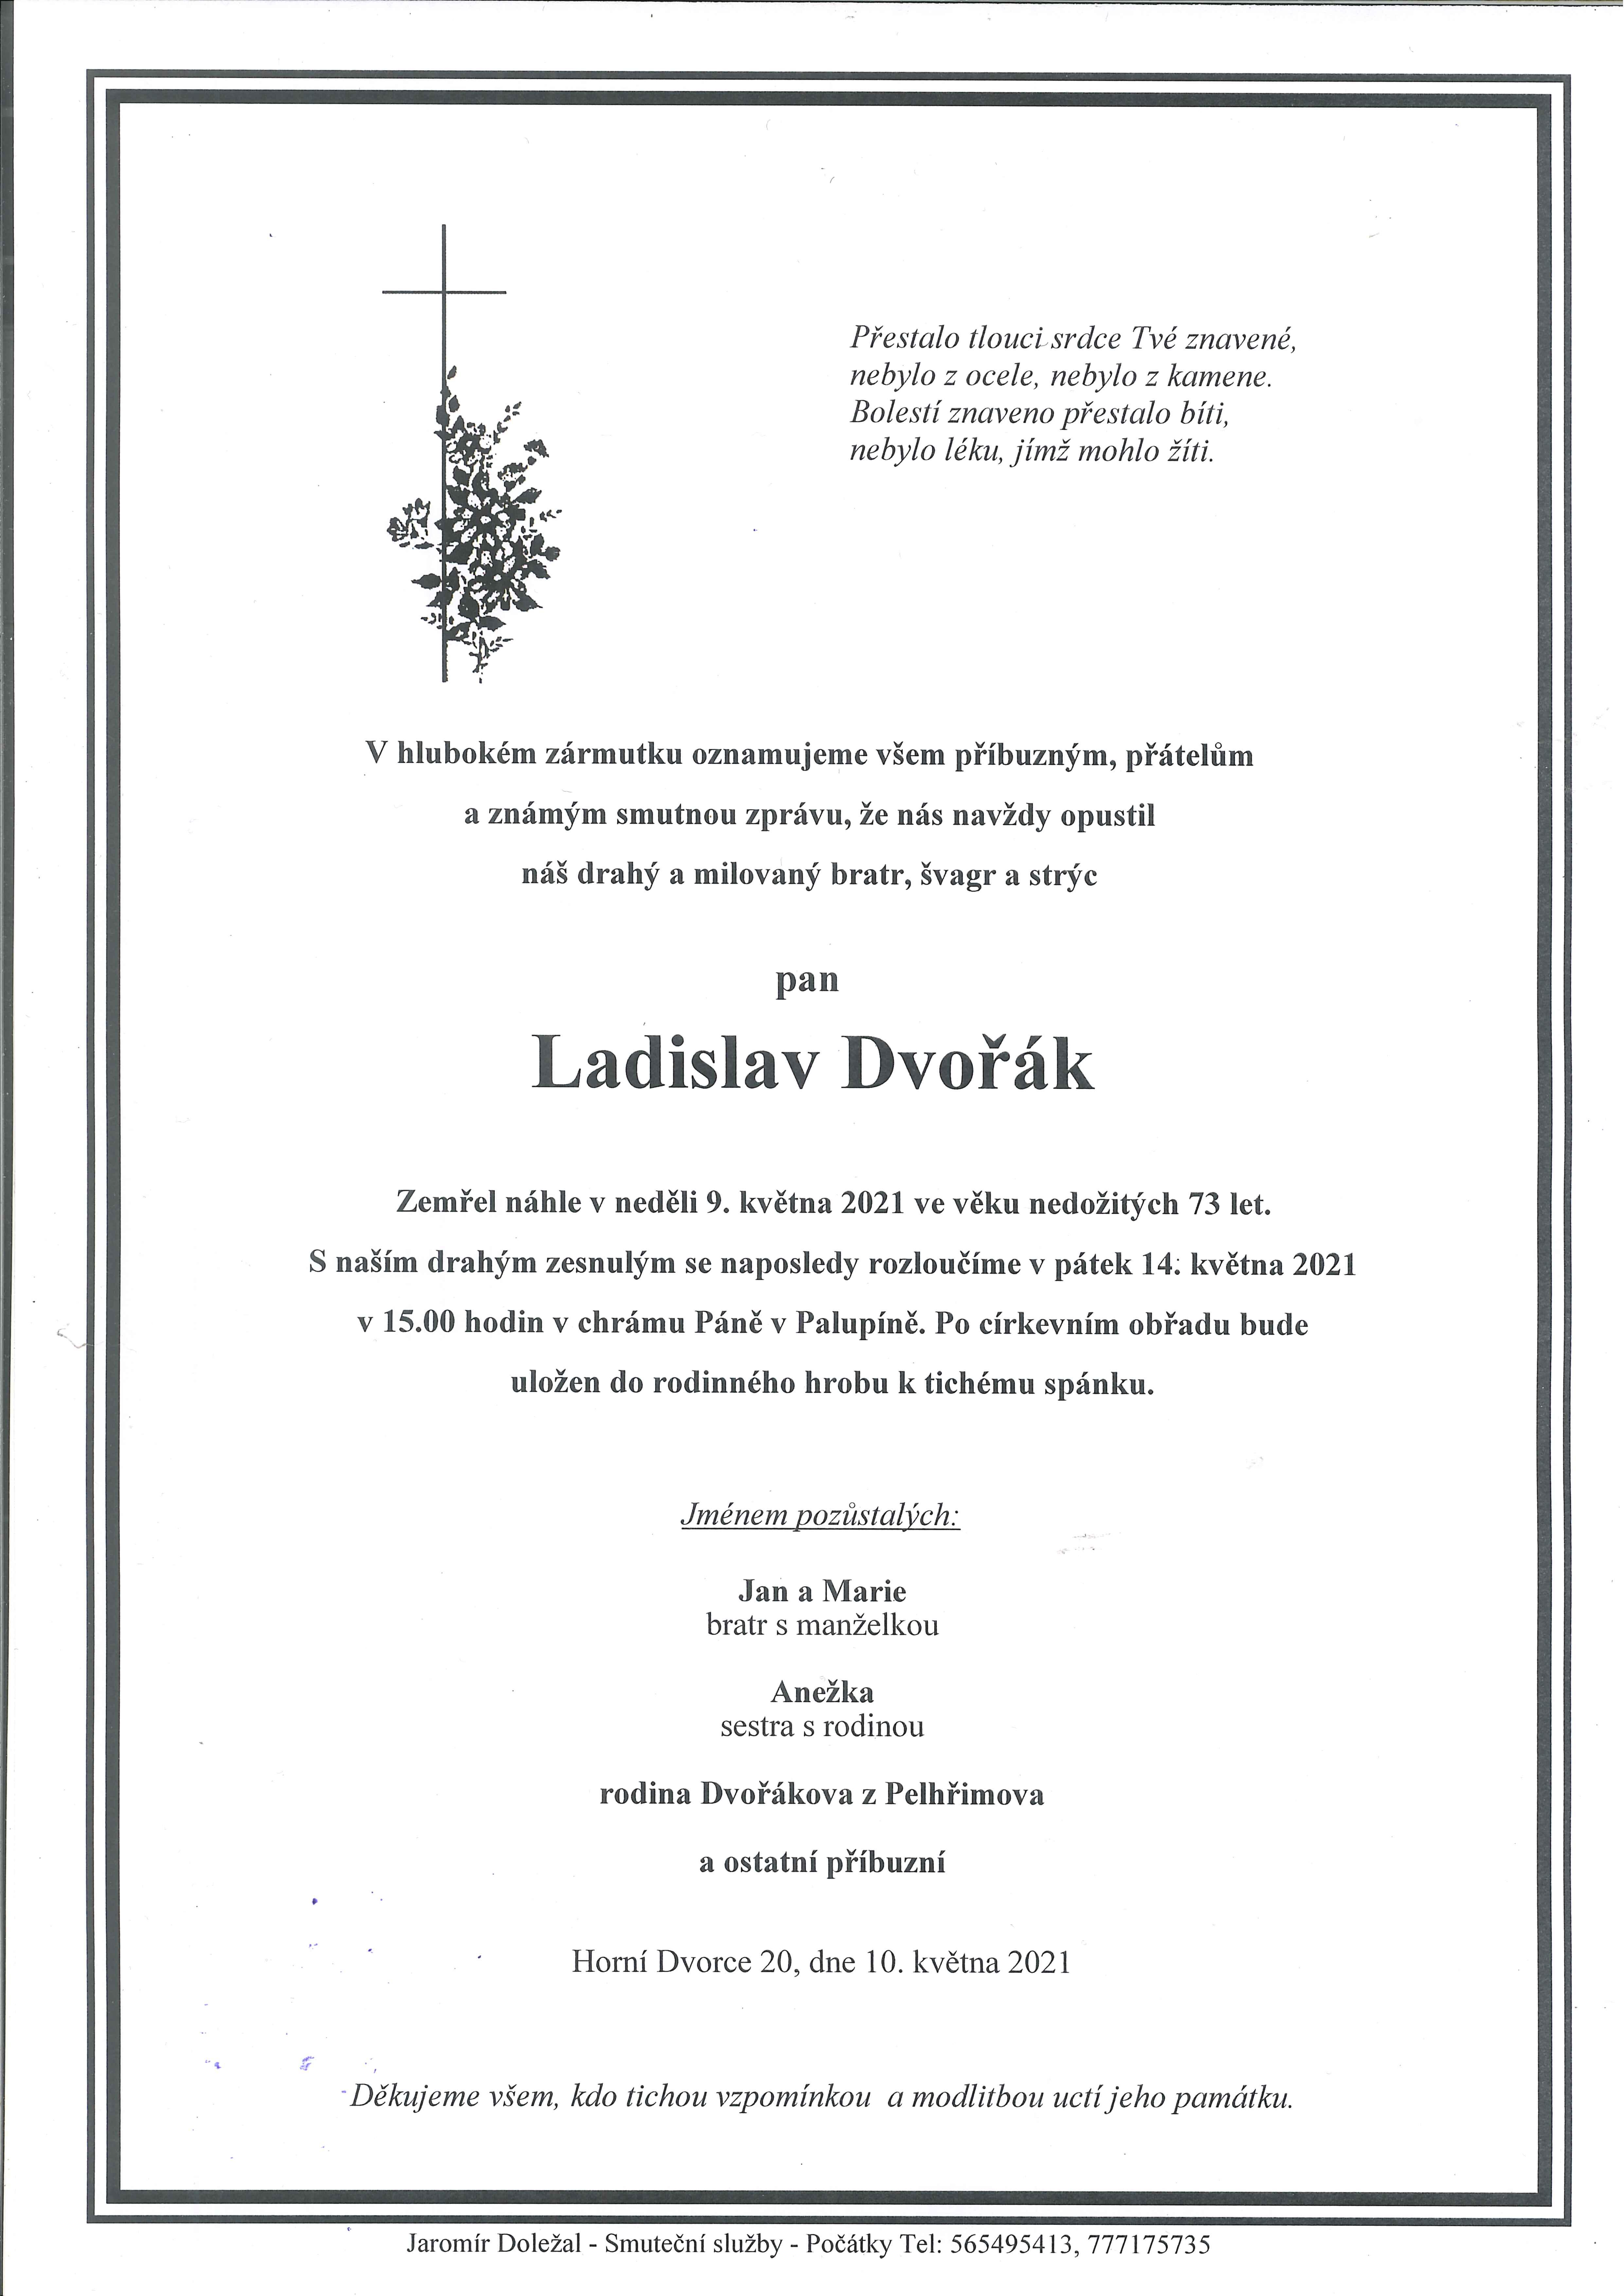 Ladislav Dvořák